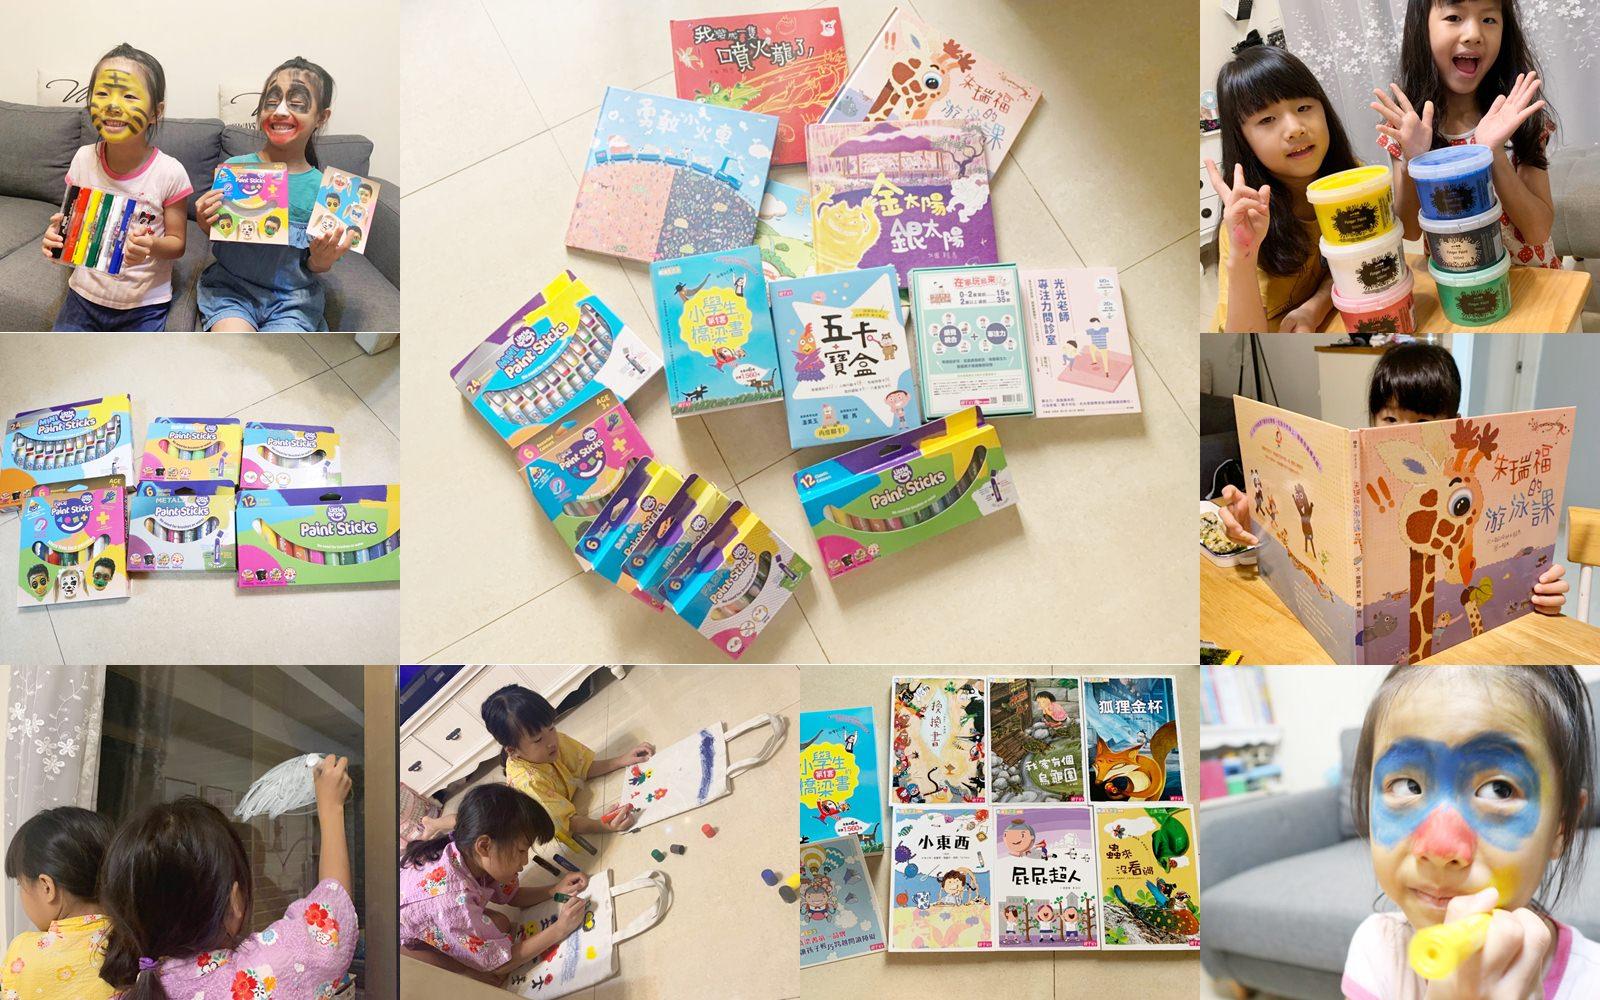 親子天下童書繪本、英國Brian Clegg無毒兒童專用顏料、 Little Brian可洗式無毒兒童專用水彩棒 暑假fun輕鬆! 一起來盡情揮灑小孩創作吧!